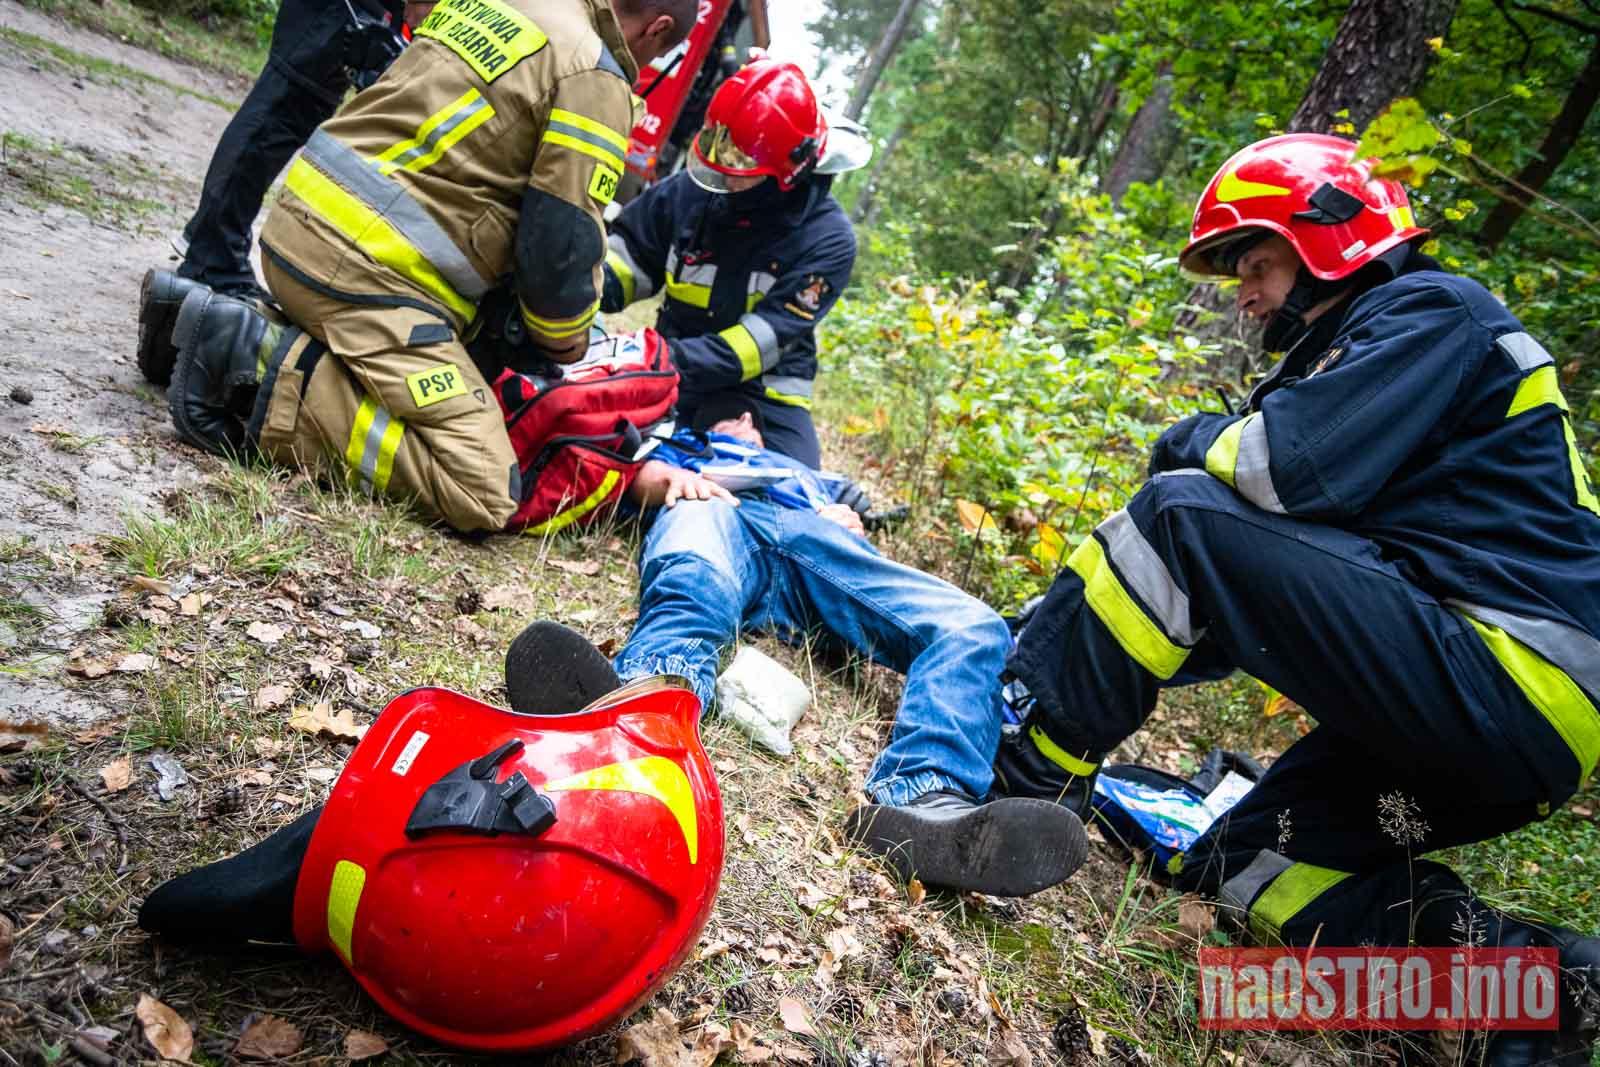 NaOSTROinfo Ćwiczenia Straży Pożarnej-17